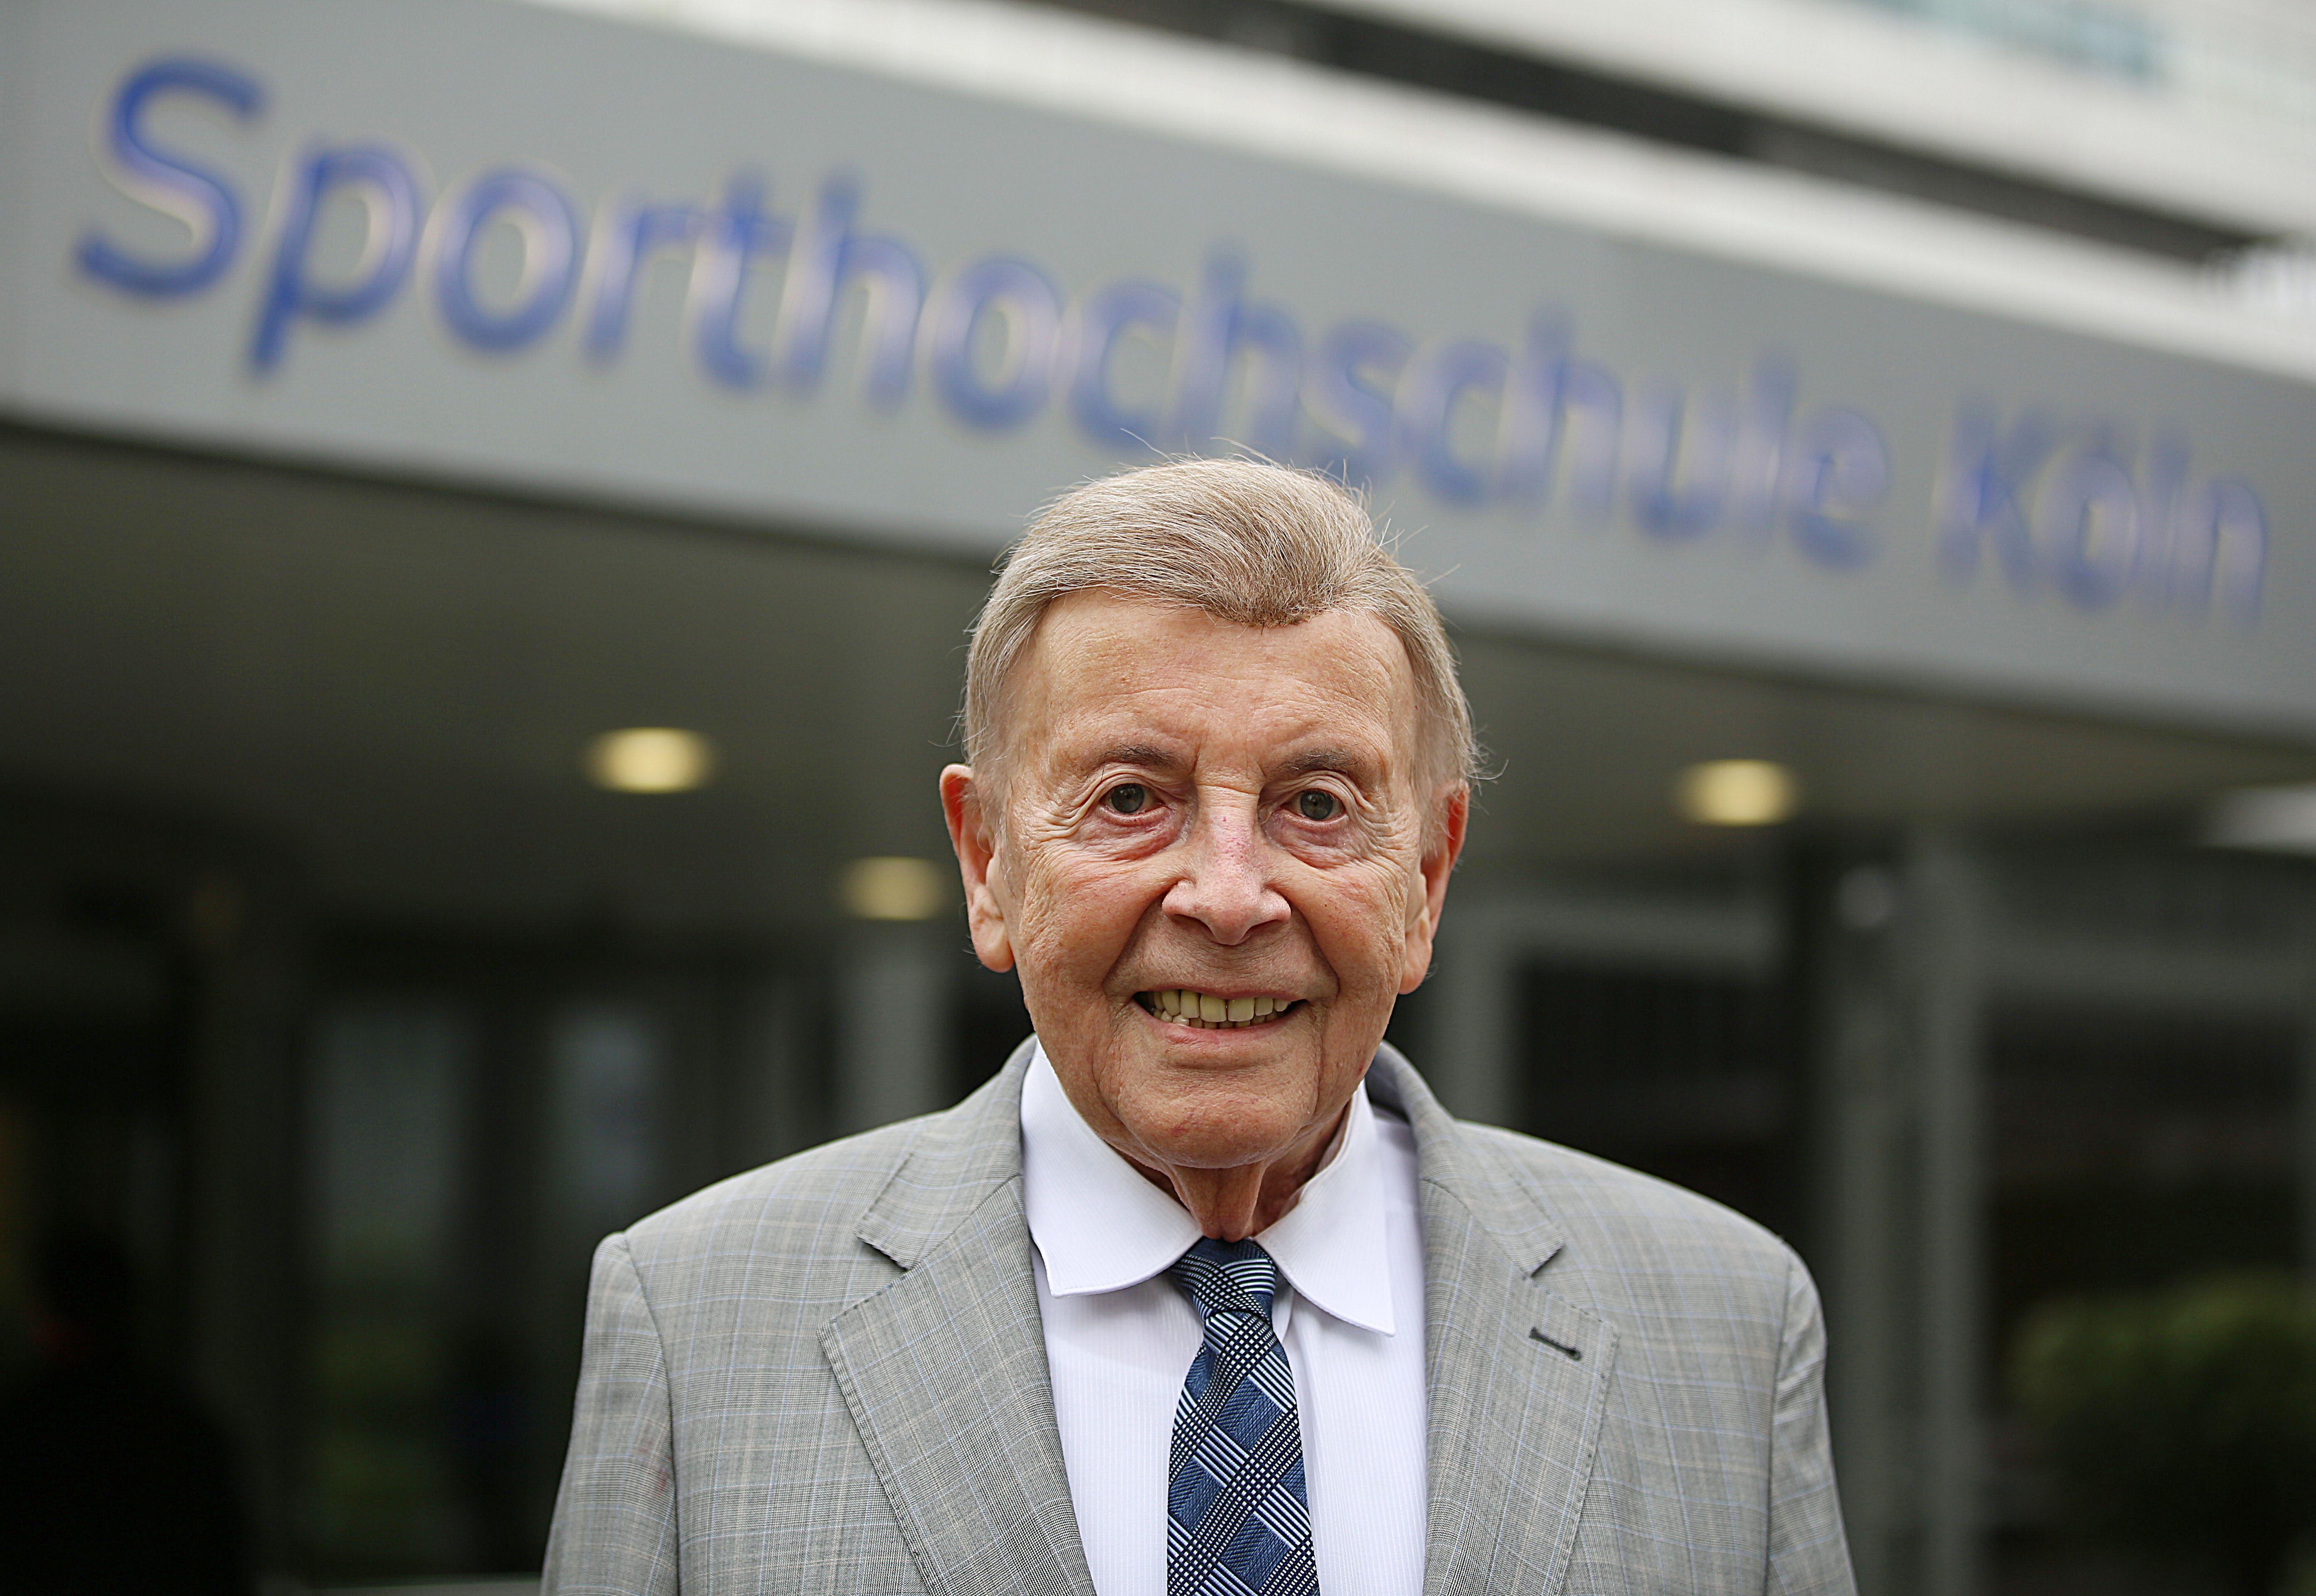 Sportmediziner Hollmann vollendet 95. Lebensjahr